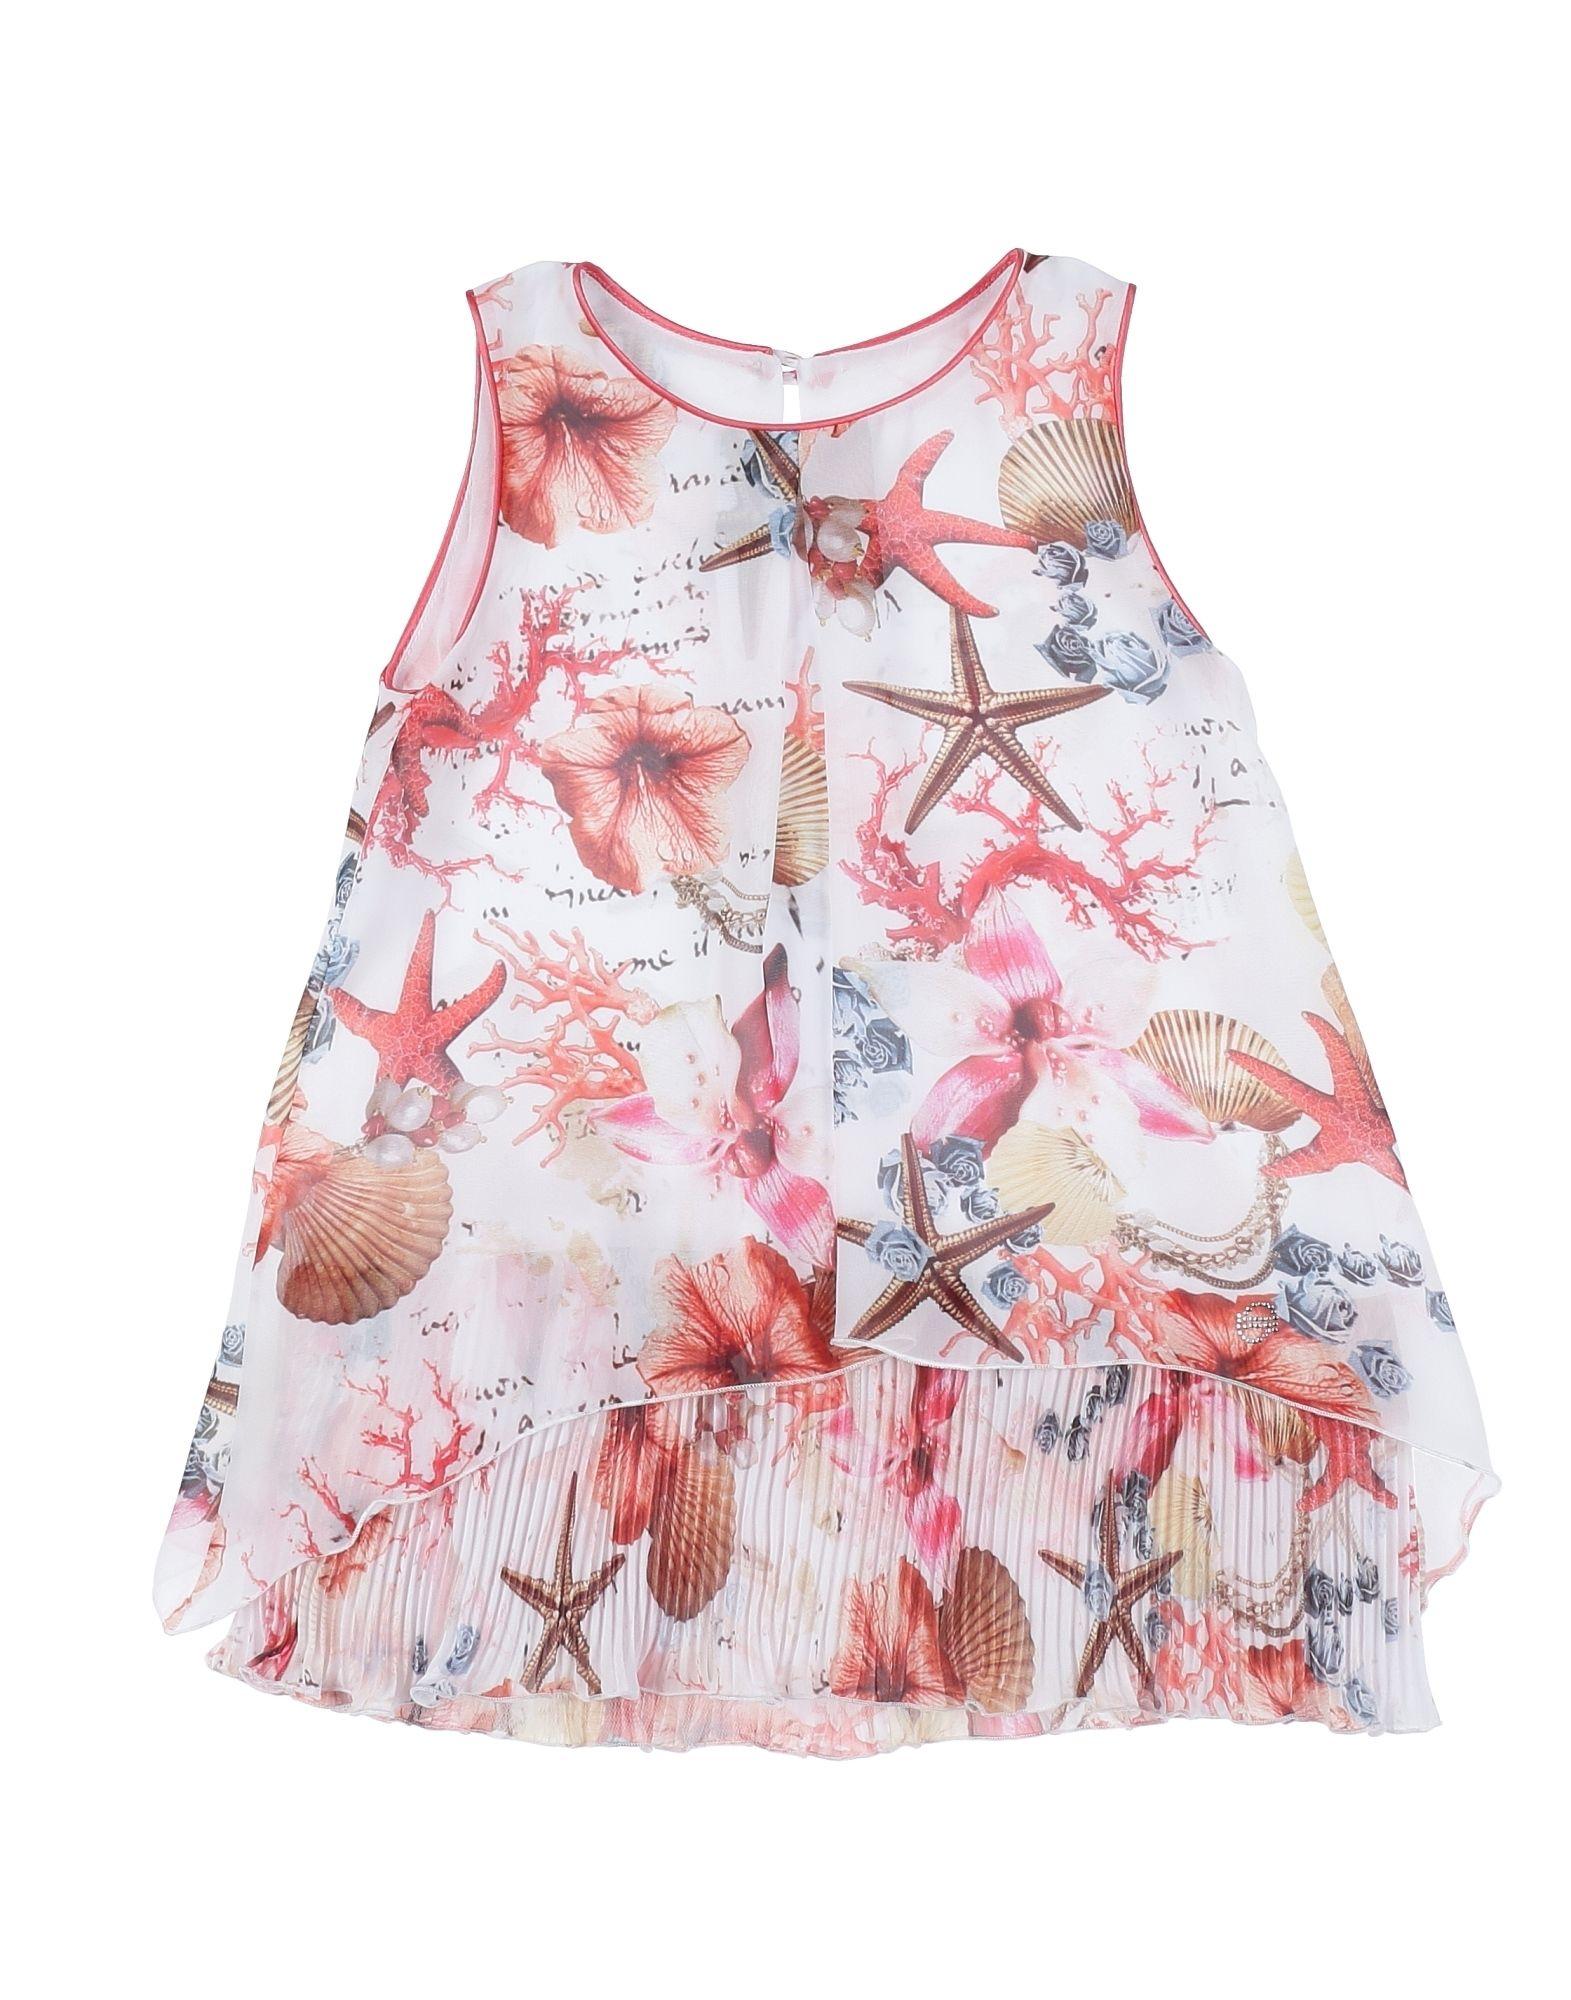 BYBLOS BOYS & GIRLS Платье футболка для девочки bj6572 разноцветный byblos